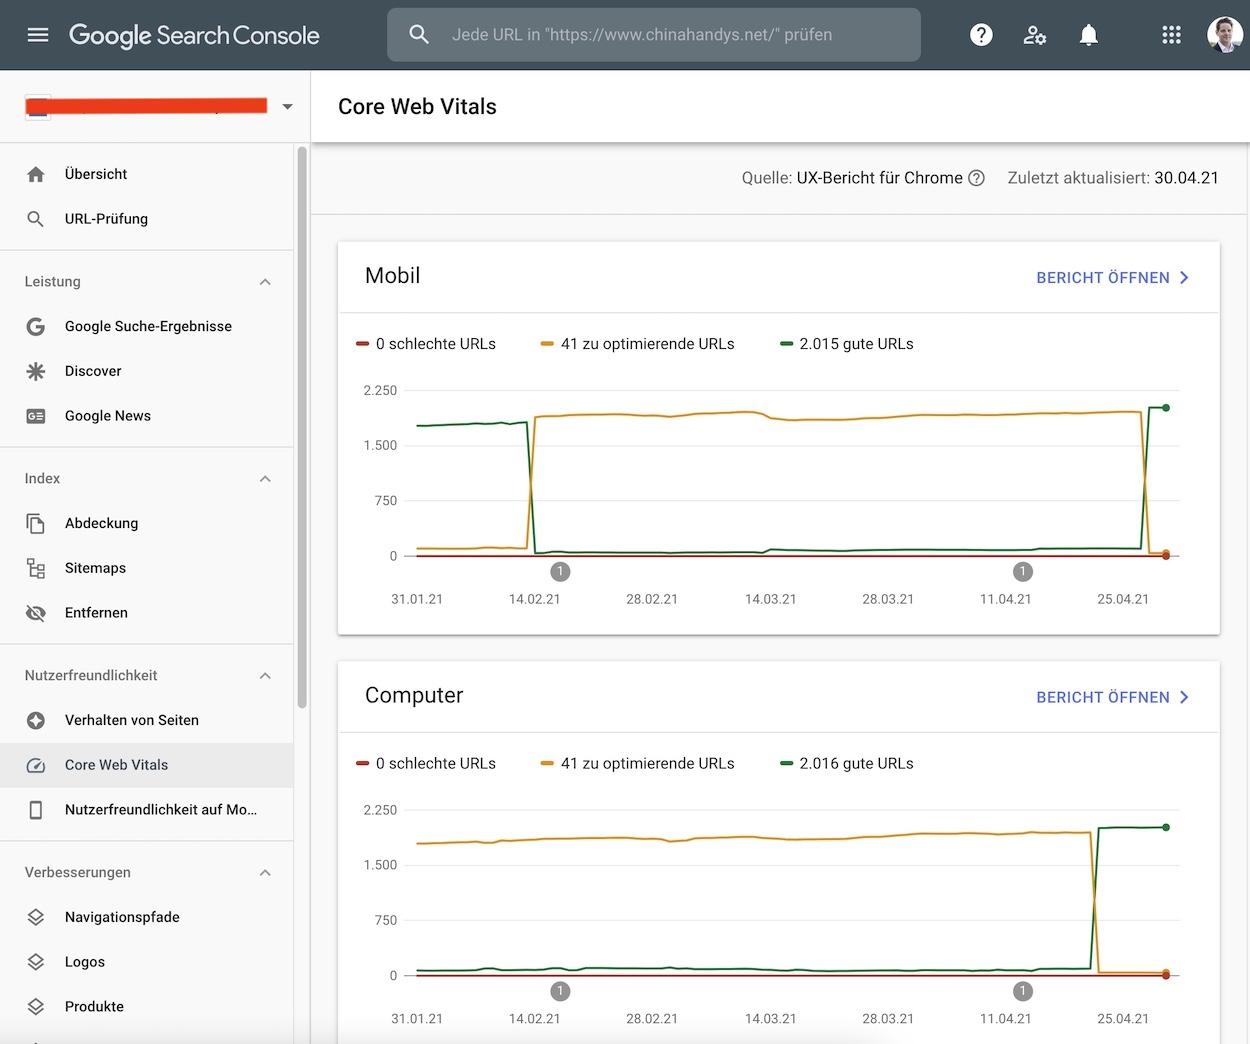 Core Web Vitals in der Google Search Console.